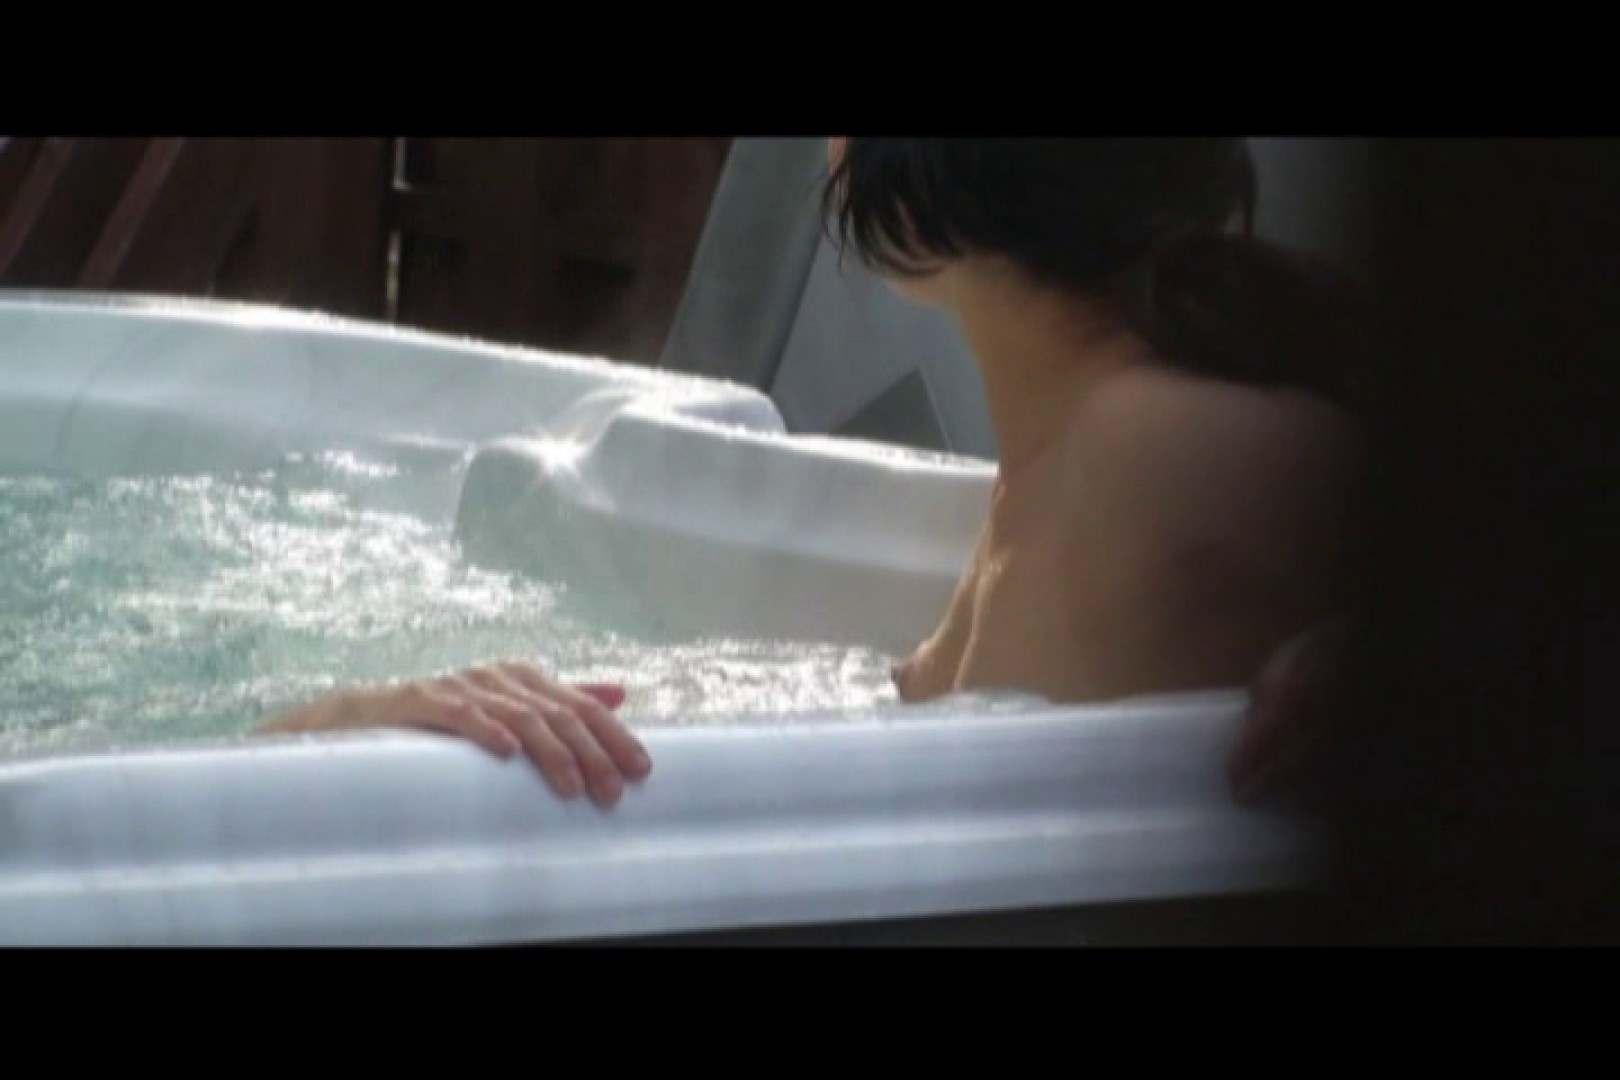 貸切露天 発情カップル! vol.07 露天風呂の女達   カップルのセックス  100連発 91